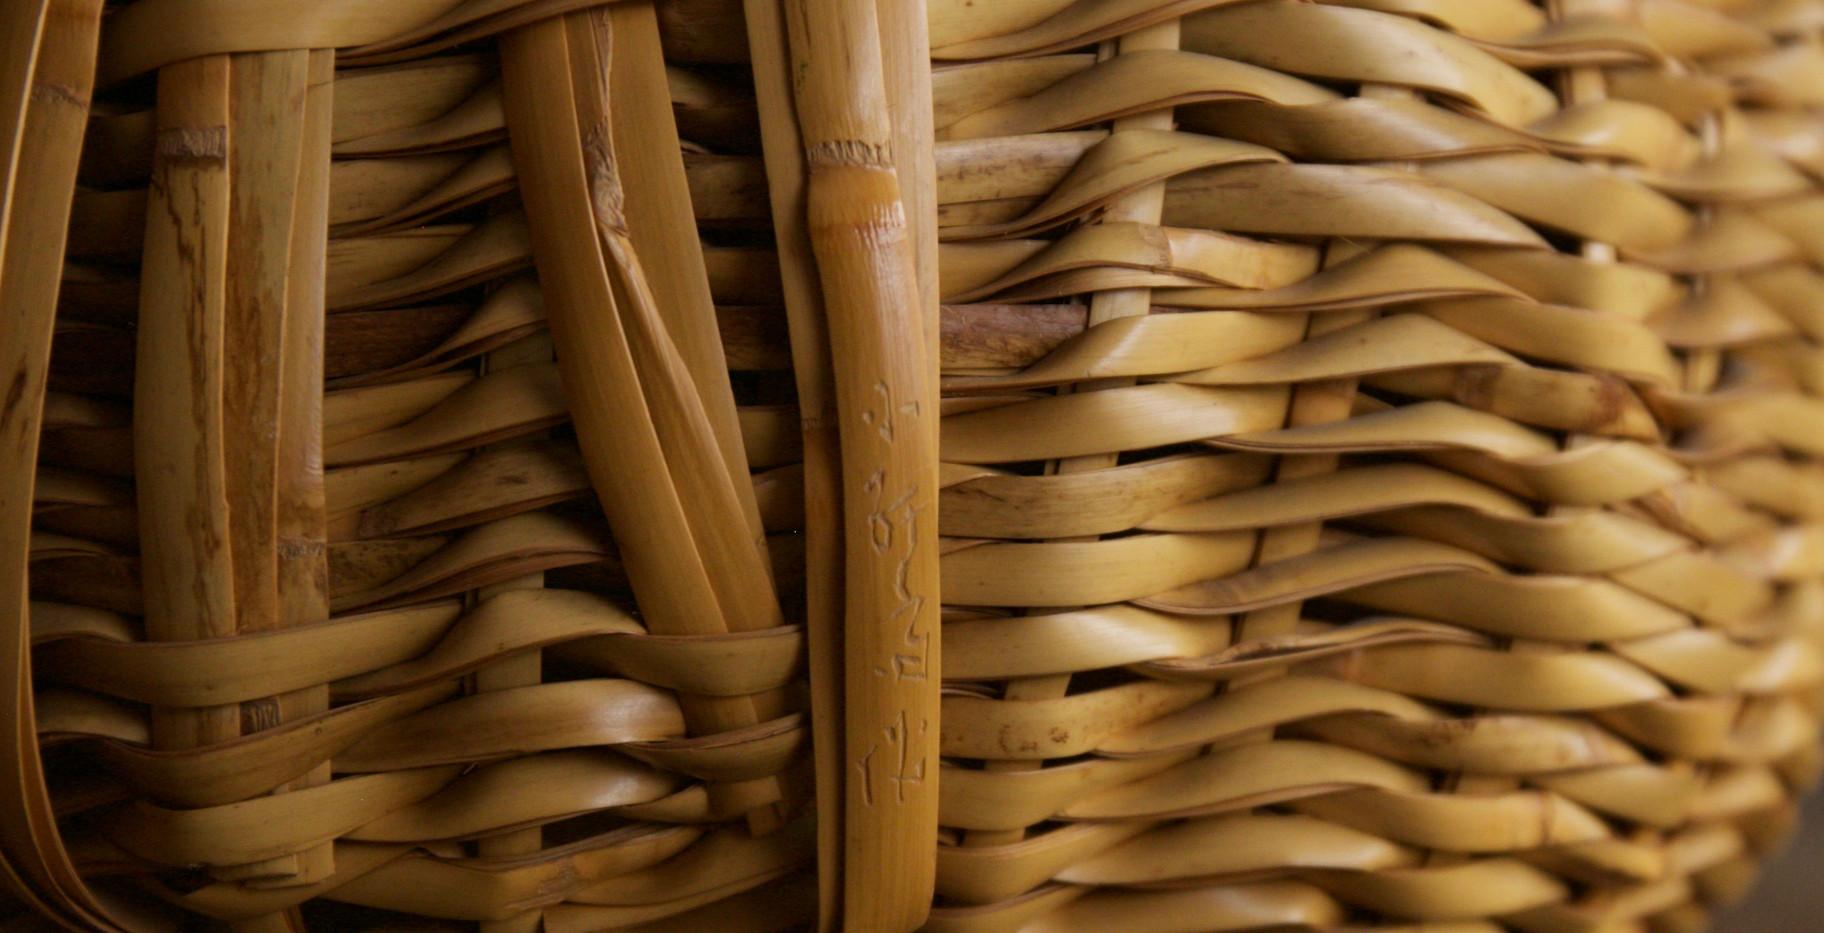 Folded basket by Iizuka Shokansai 08.jpg